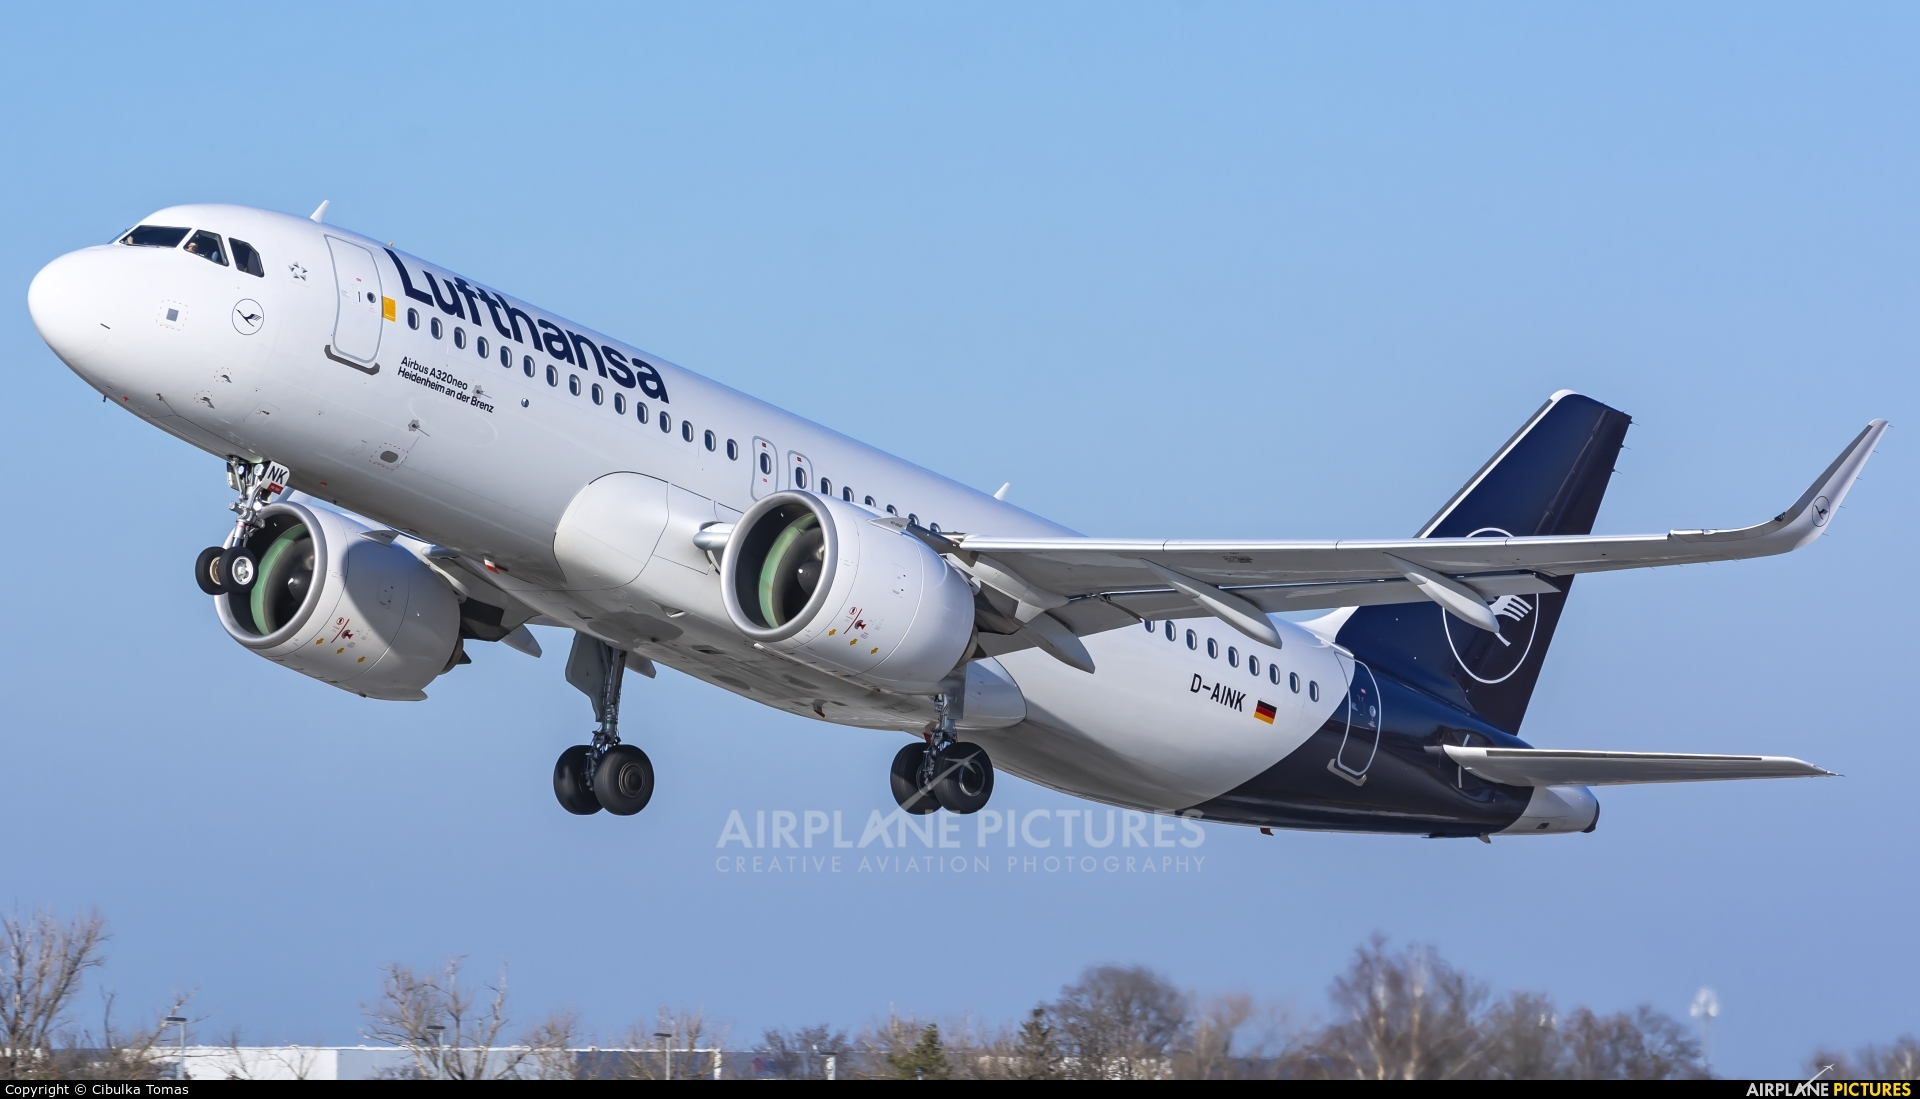 Lufthansa D-AINK aircraft at Prague - Václav Havel